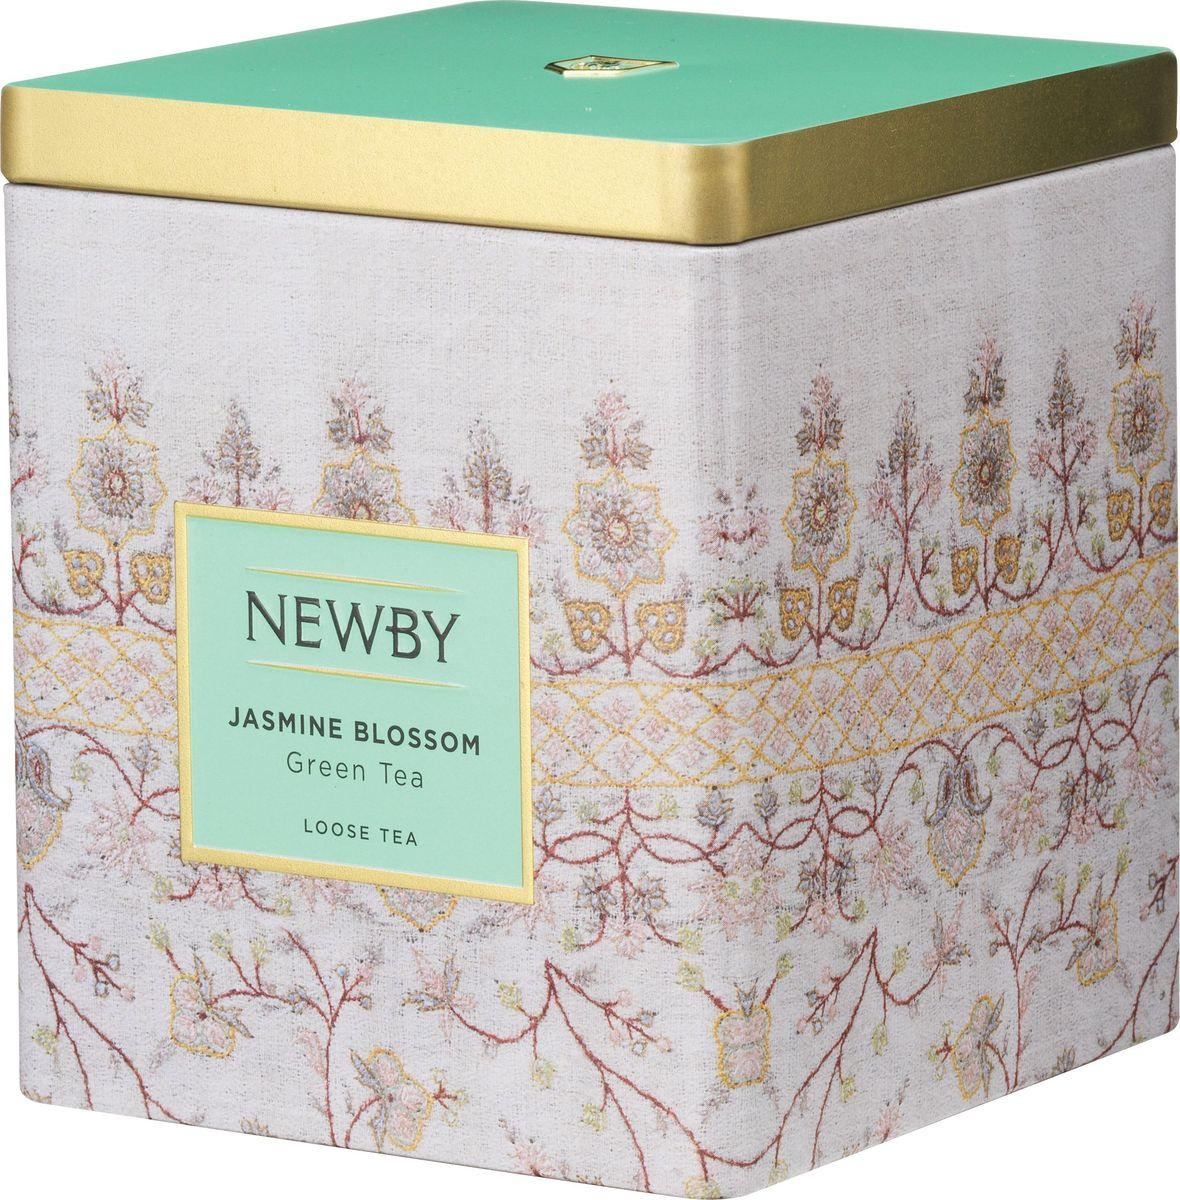 Newby Jasmine Blossom зеленый листовой чай, 125 г130090АКитайский листовой чай с ароматом цветов жасмина. Имеет светло-медовый оттенок и ароматное цветочное послевкусие. Состав: зеленый чай, натуральные цветки жасмина, Китай